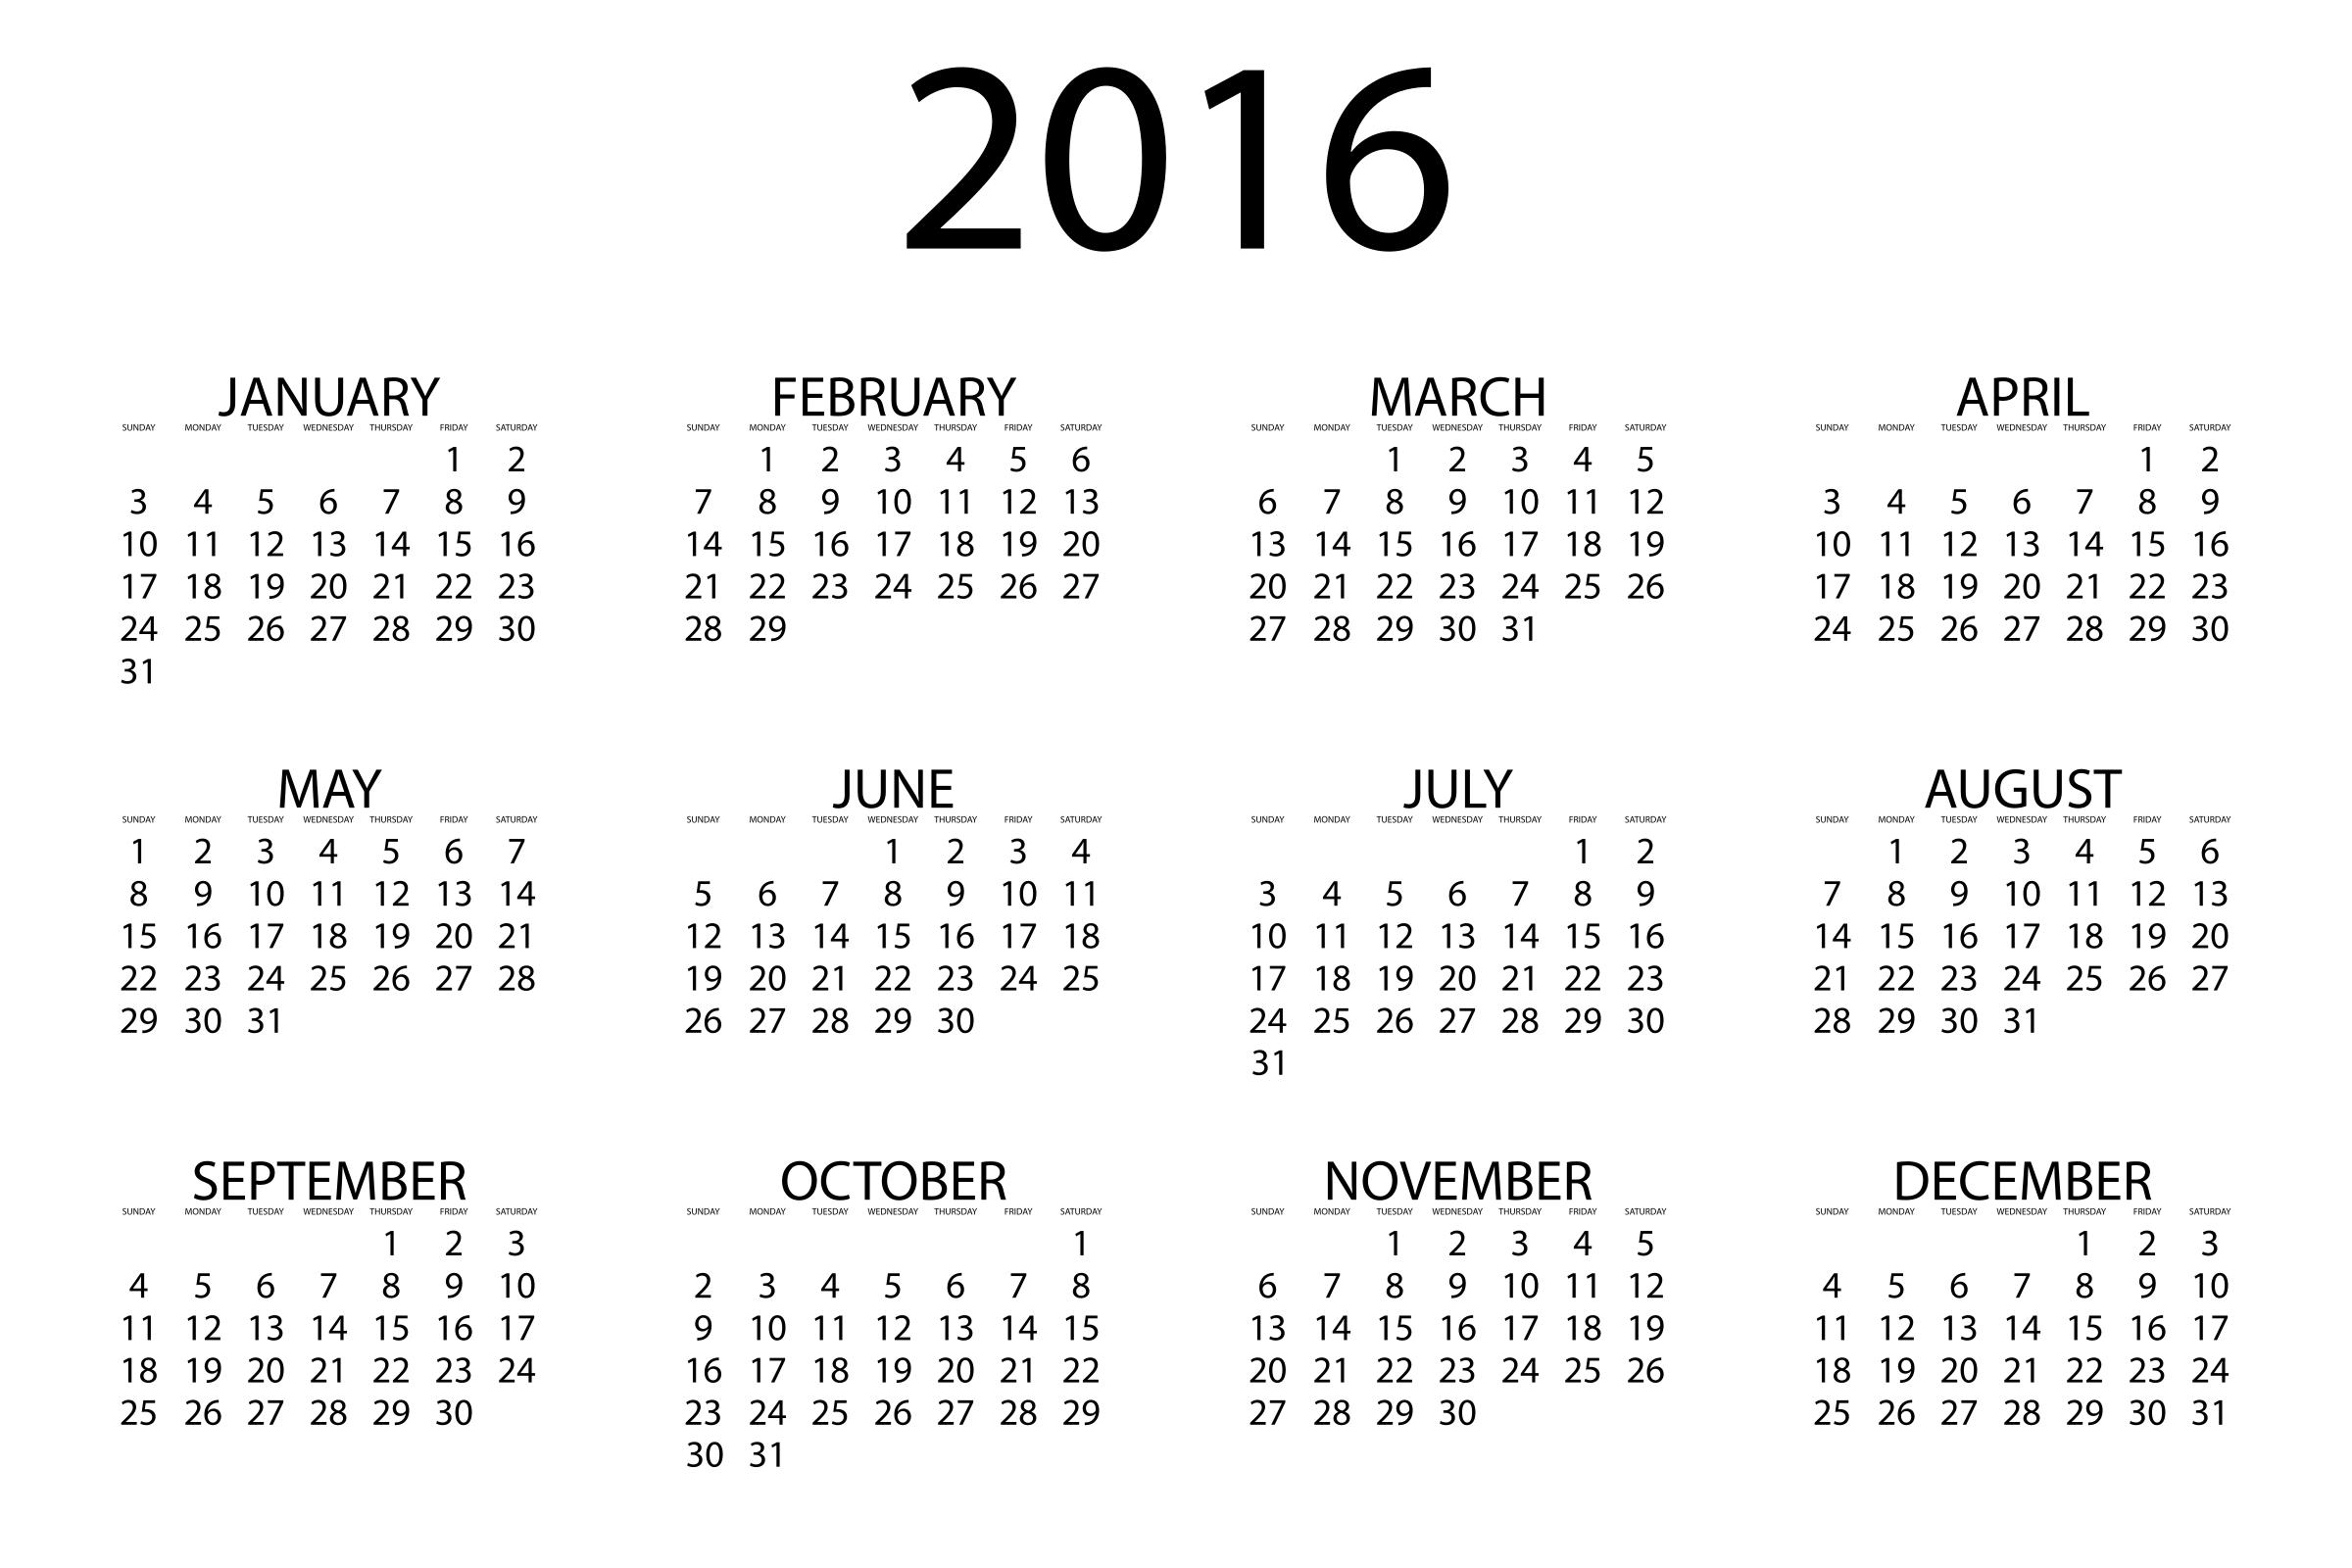 2016 clipart 2016 calendar. Big image png